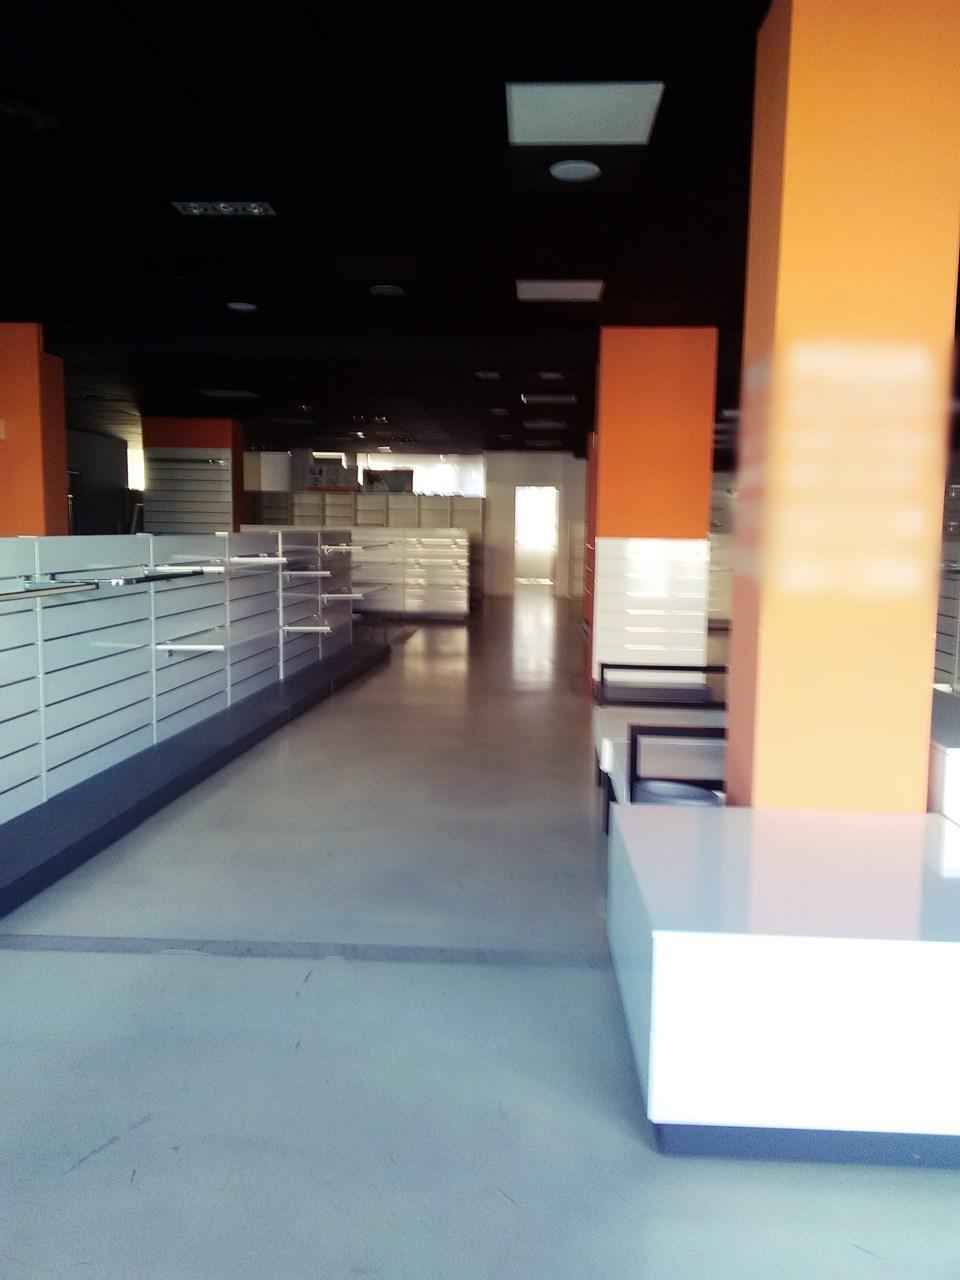 Locale commerciale - 2 Vetrine a Zona Sud, Brescia